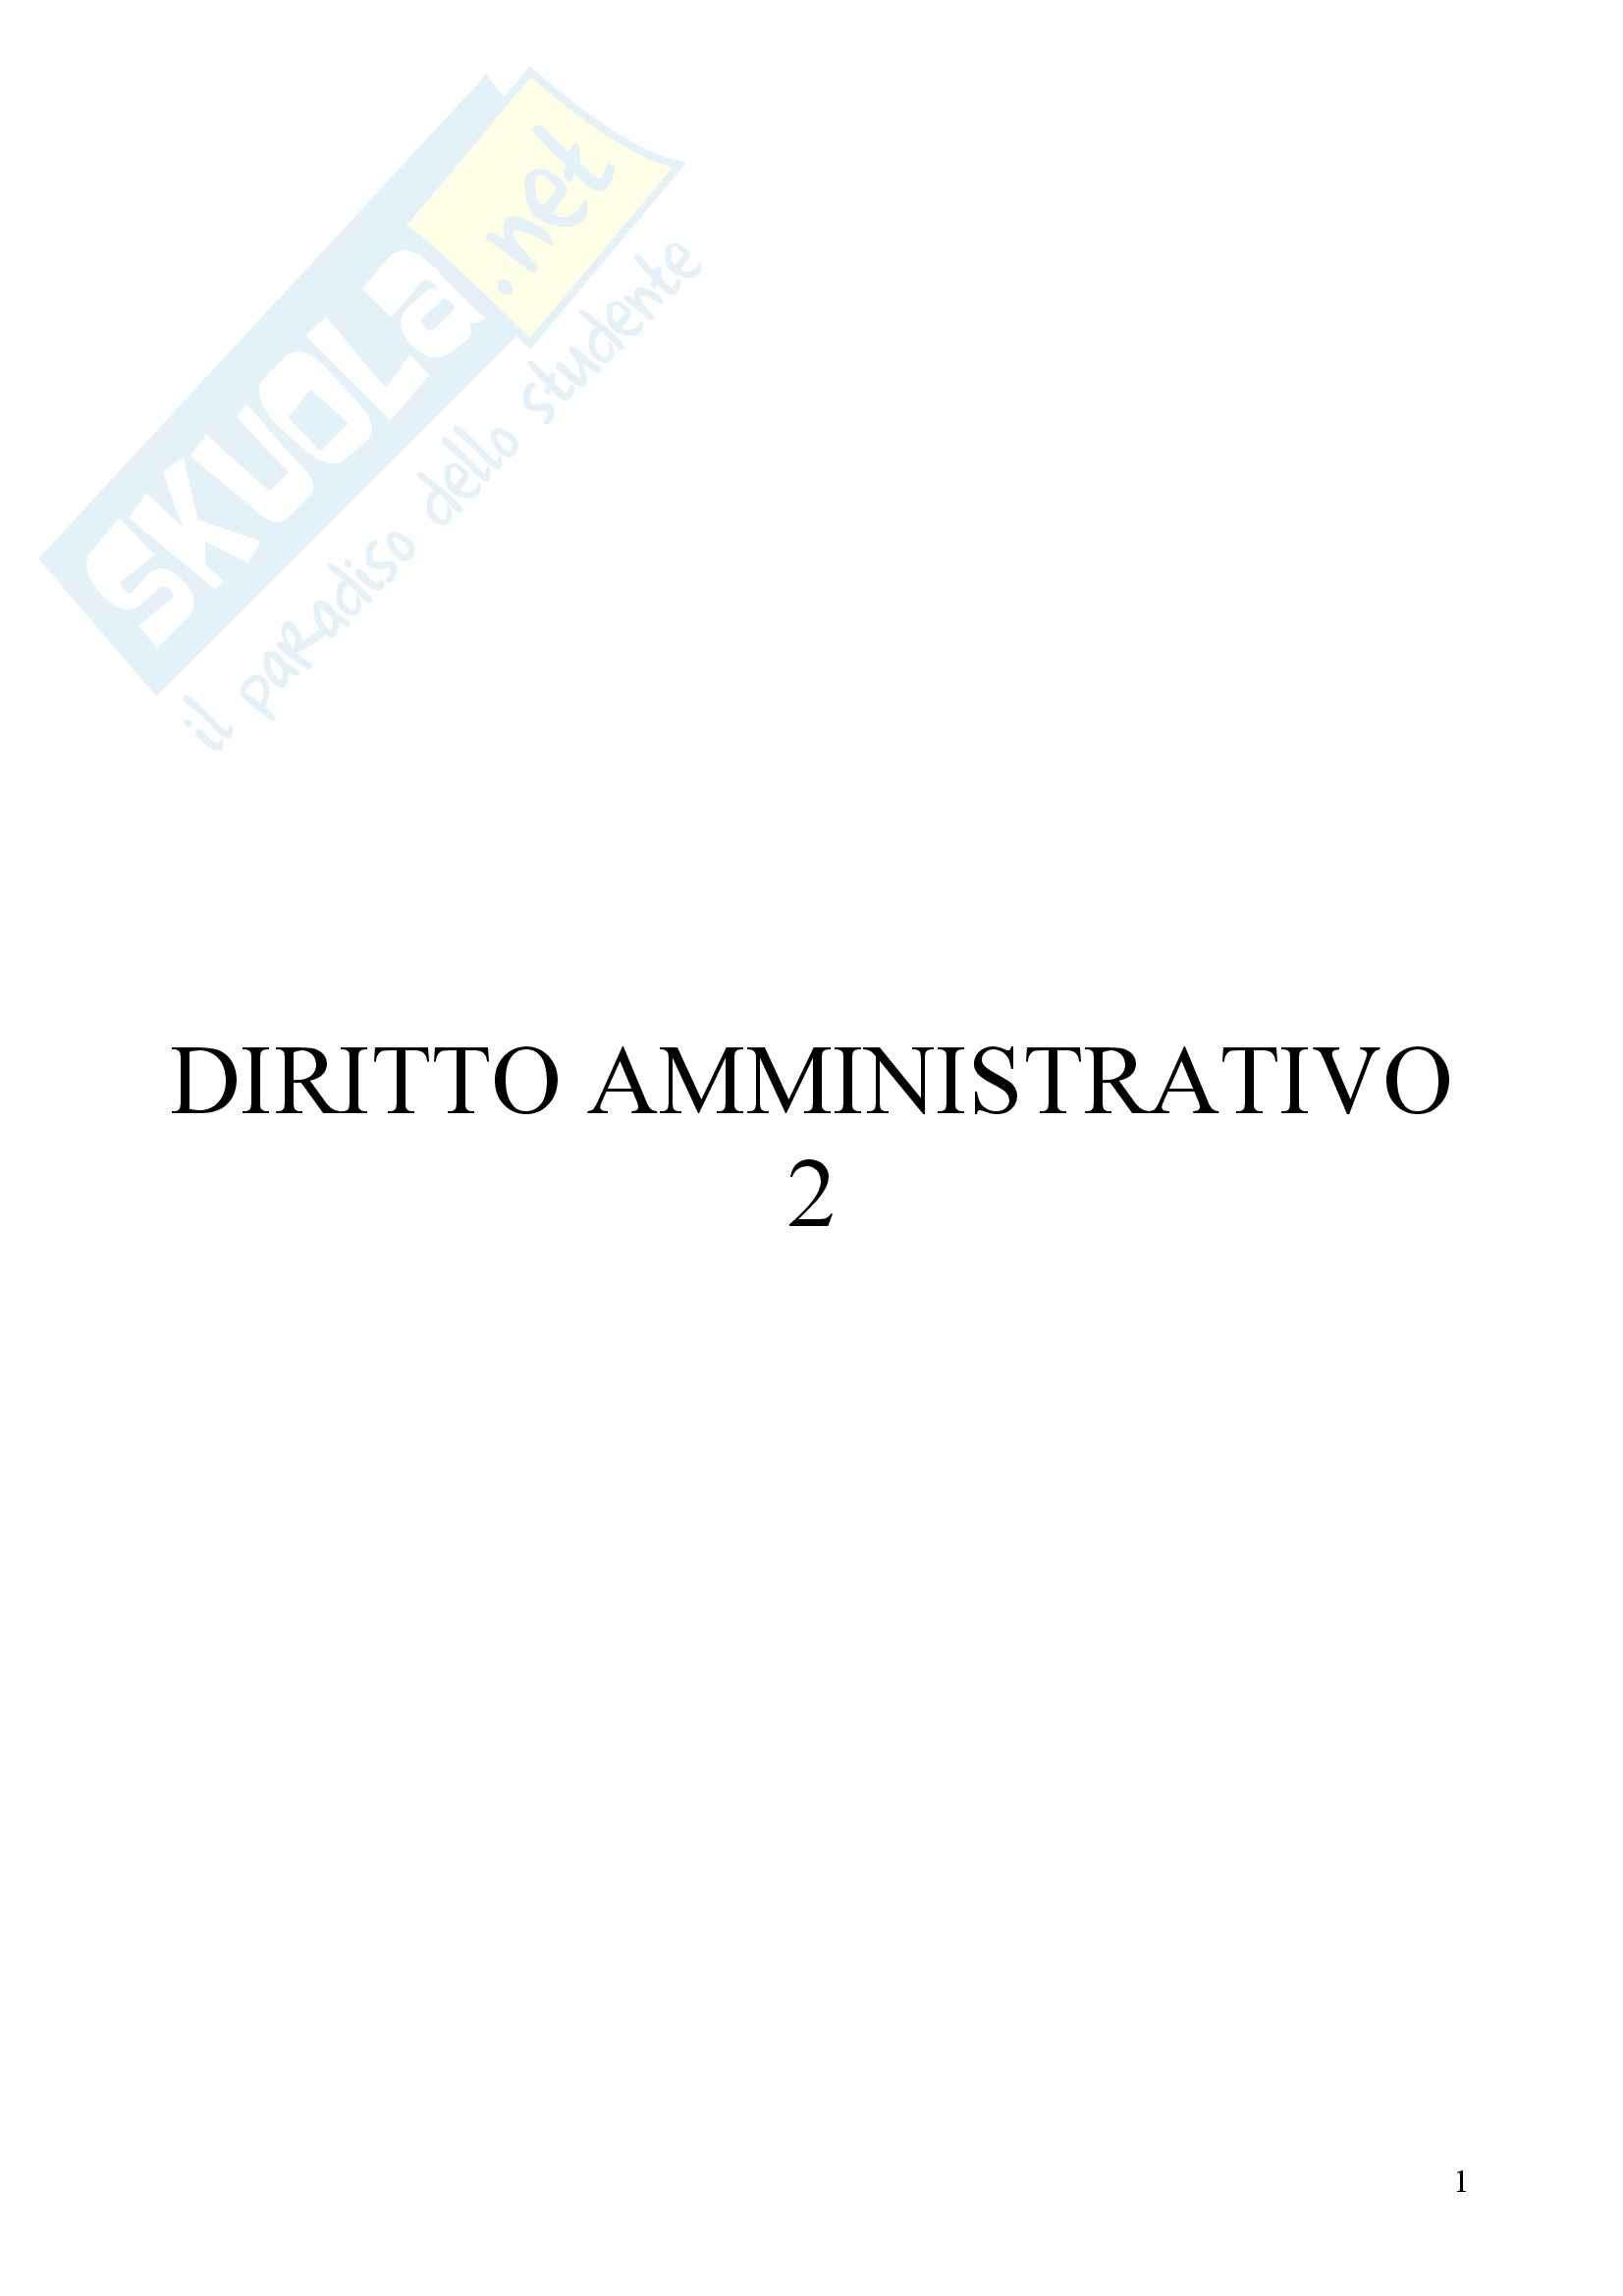 Riassunto esame Diritto amministrativo, Il procedimento amministrativo, prof. Torchia